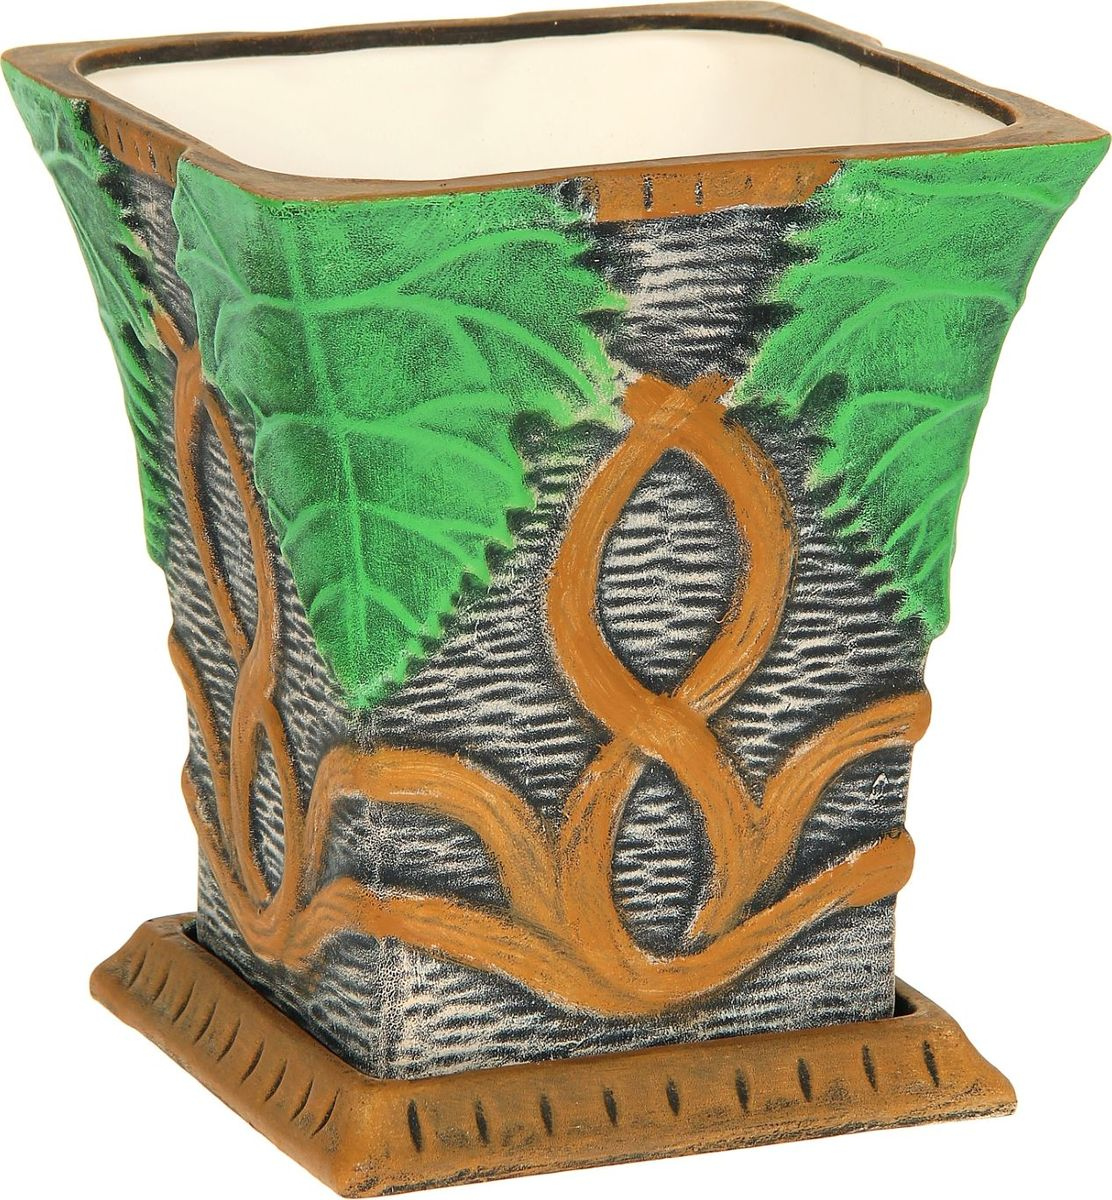 Кашпо Керамика ручной работы Лоза, 6 л1114299Комнатные растения — всеобщие любимцы. Они радуют глаз, насыщают помещение кислородом и украшают пространство. Каждому из них необходим свой удобный и красивый дом. Кашпо из керамики прекрасно подходят для высадки растений: за счет пластичности глины и разных способов обработки существует великое множество форм и дизайнов пористый материал позволяет испаряться лишней влаге воздух, необходимый для дыхания корней, проникает сквозь керамические стенки! Позаботится о зеленом питомце, освежит интерьер и подчеркнет его стиль.